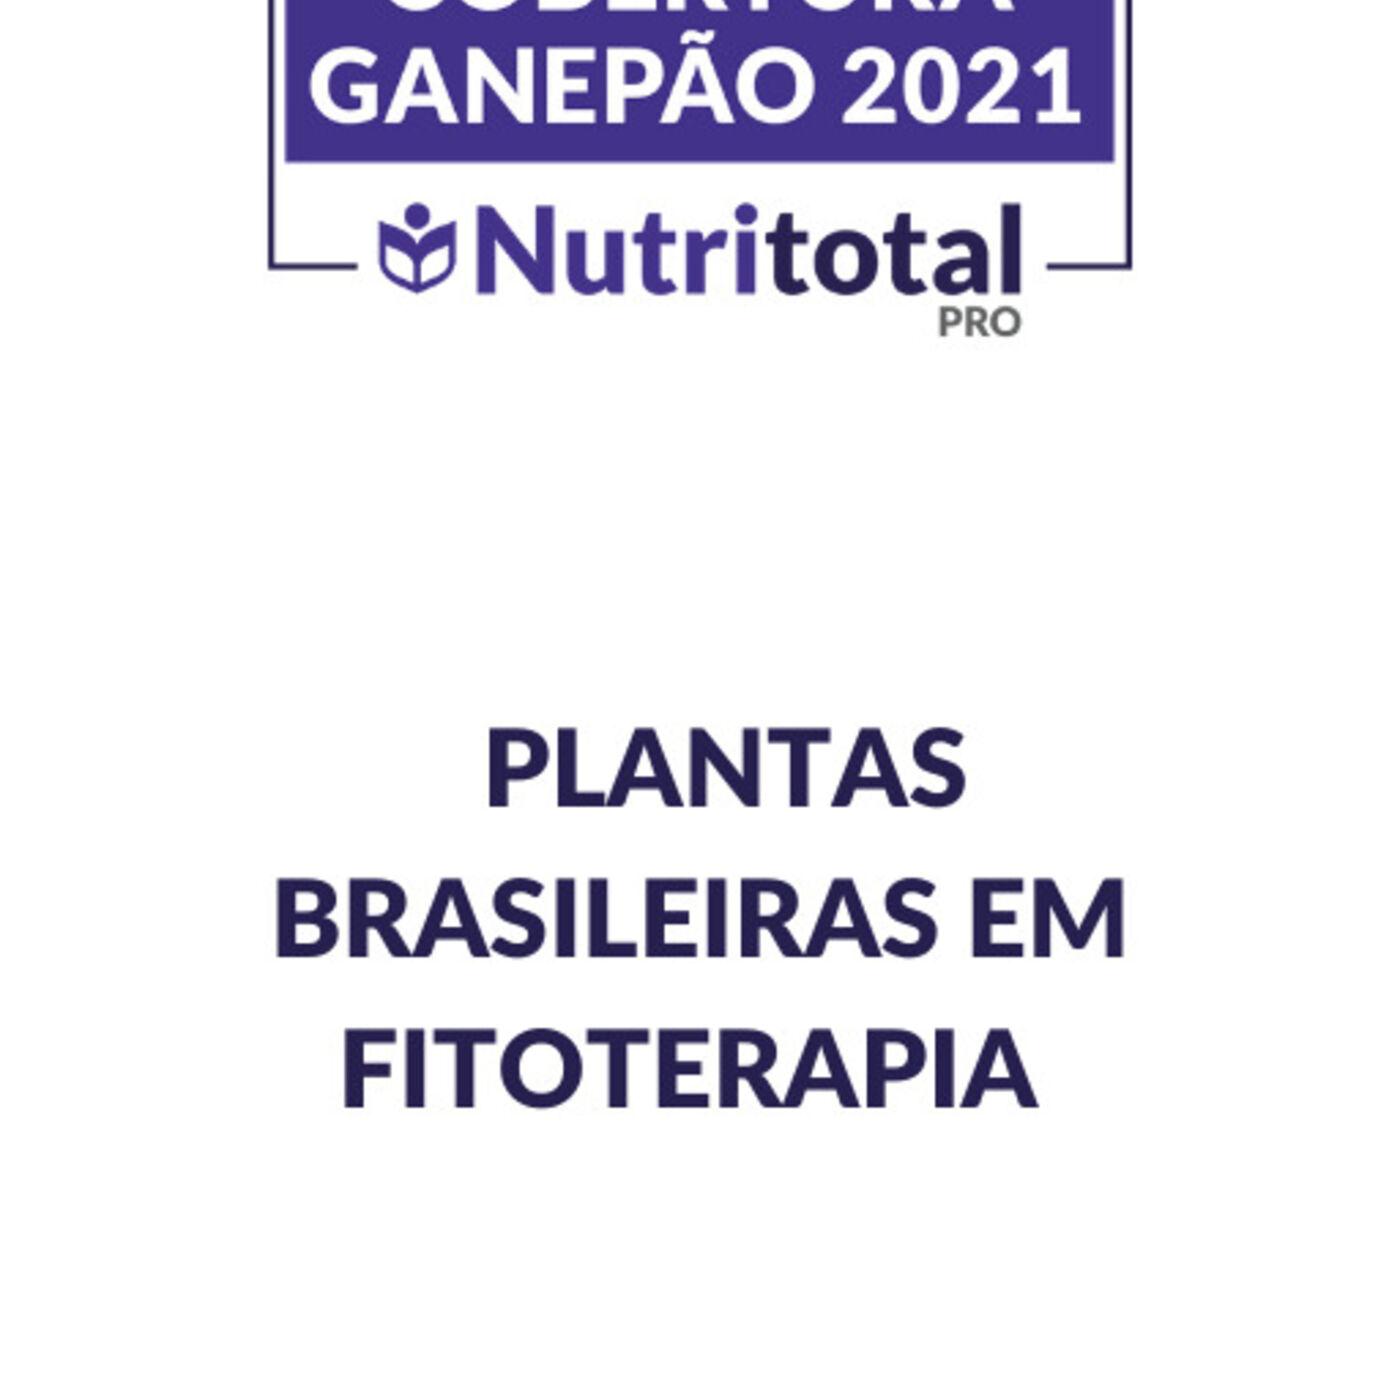 Cobertura Ganepão 2021: Plantas brasileiras em fitoterapia